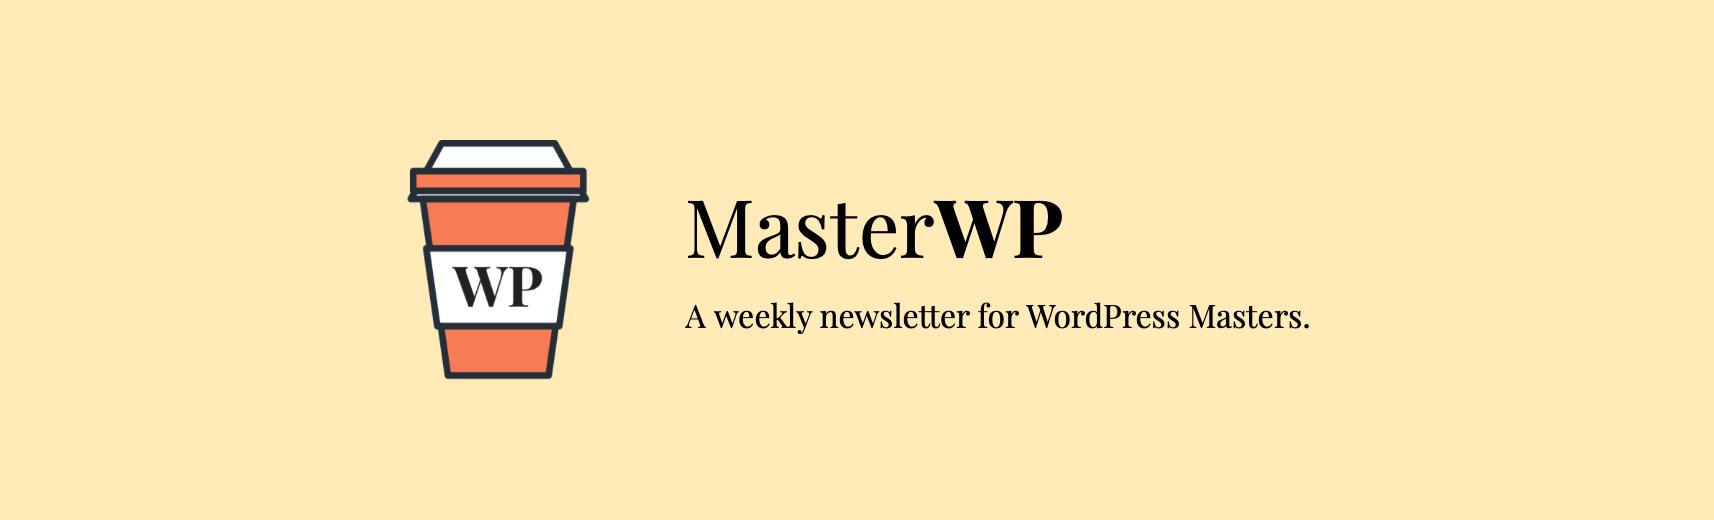 The MasterWP newsletter banner.